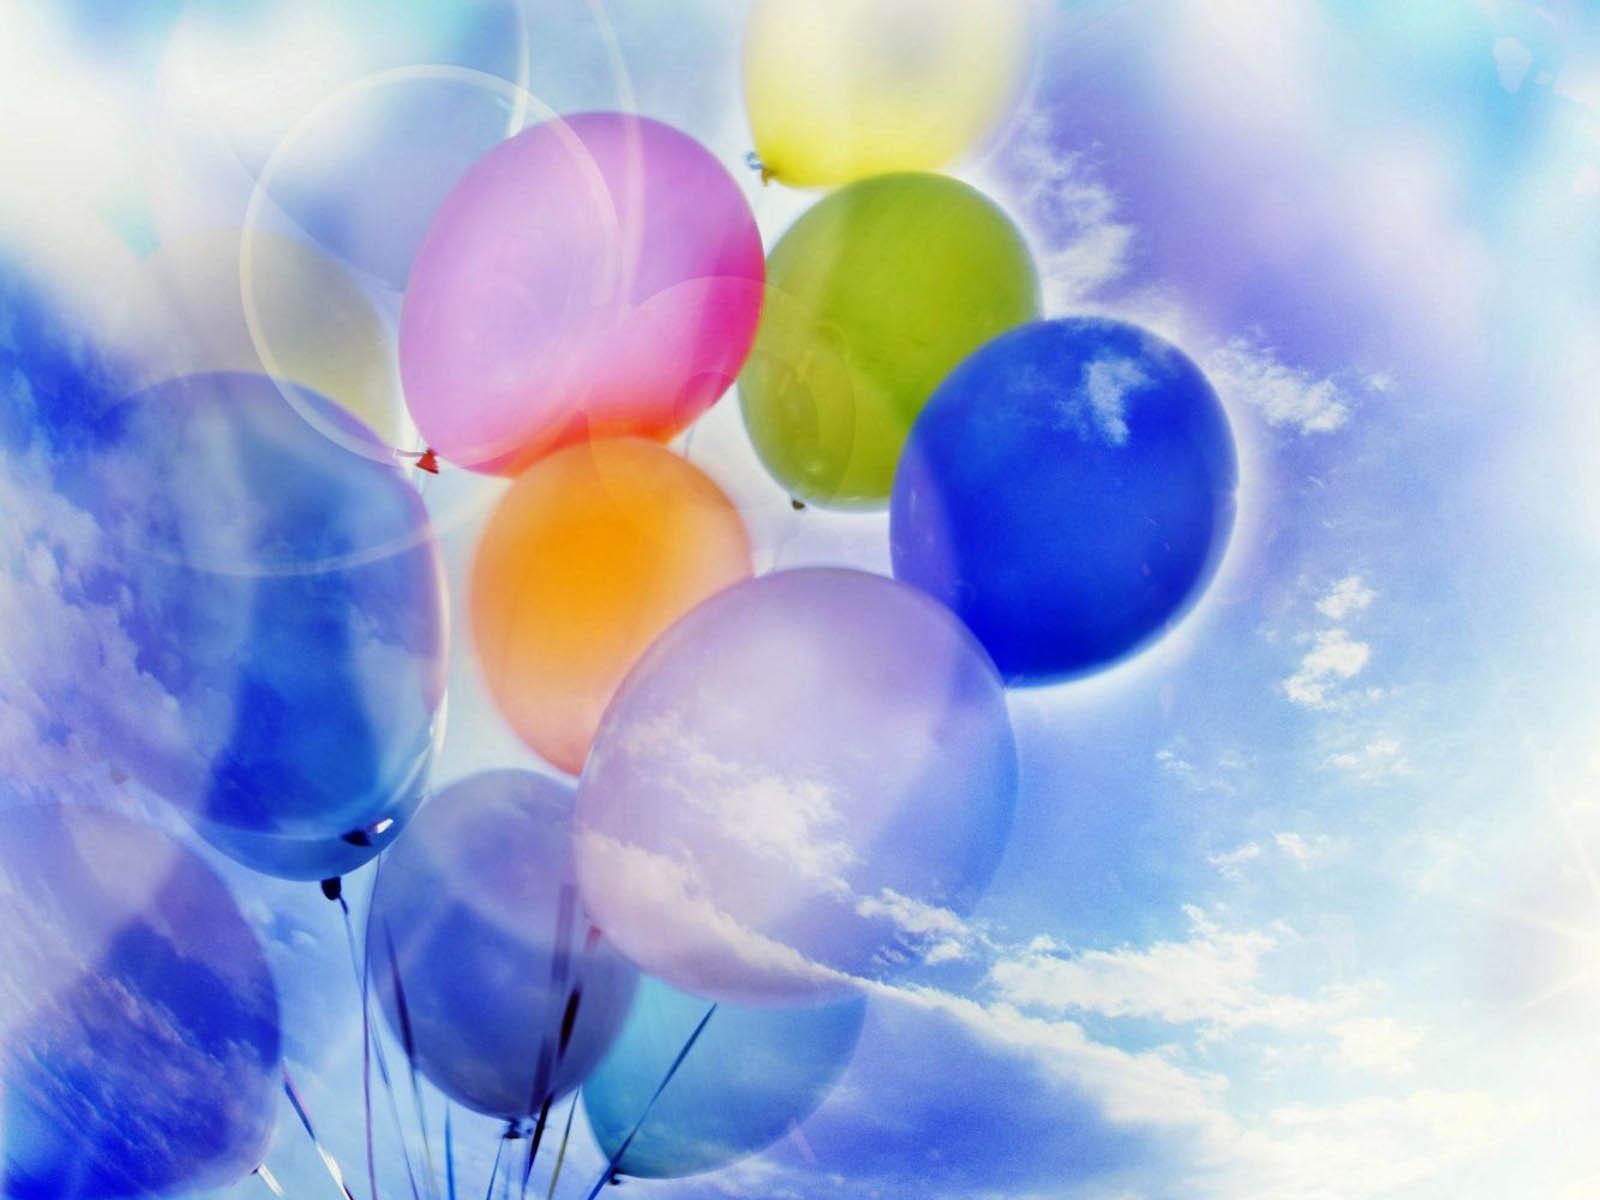 Balloons Wallpapers Desktop Wallpapers Online 1600x1200